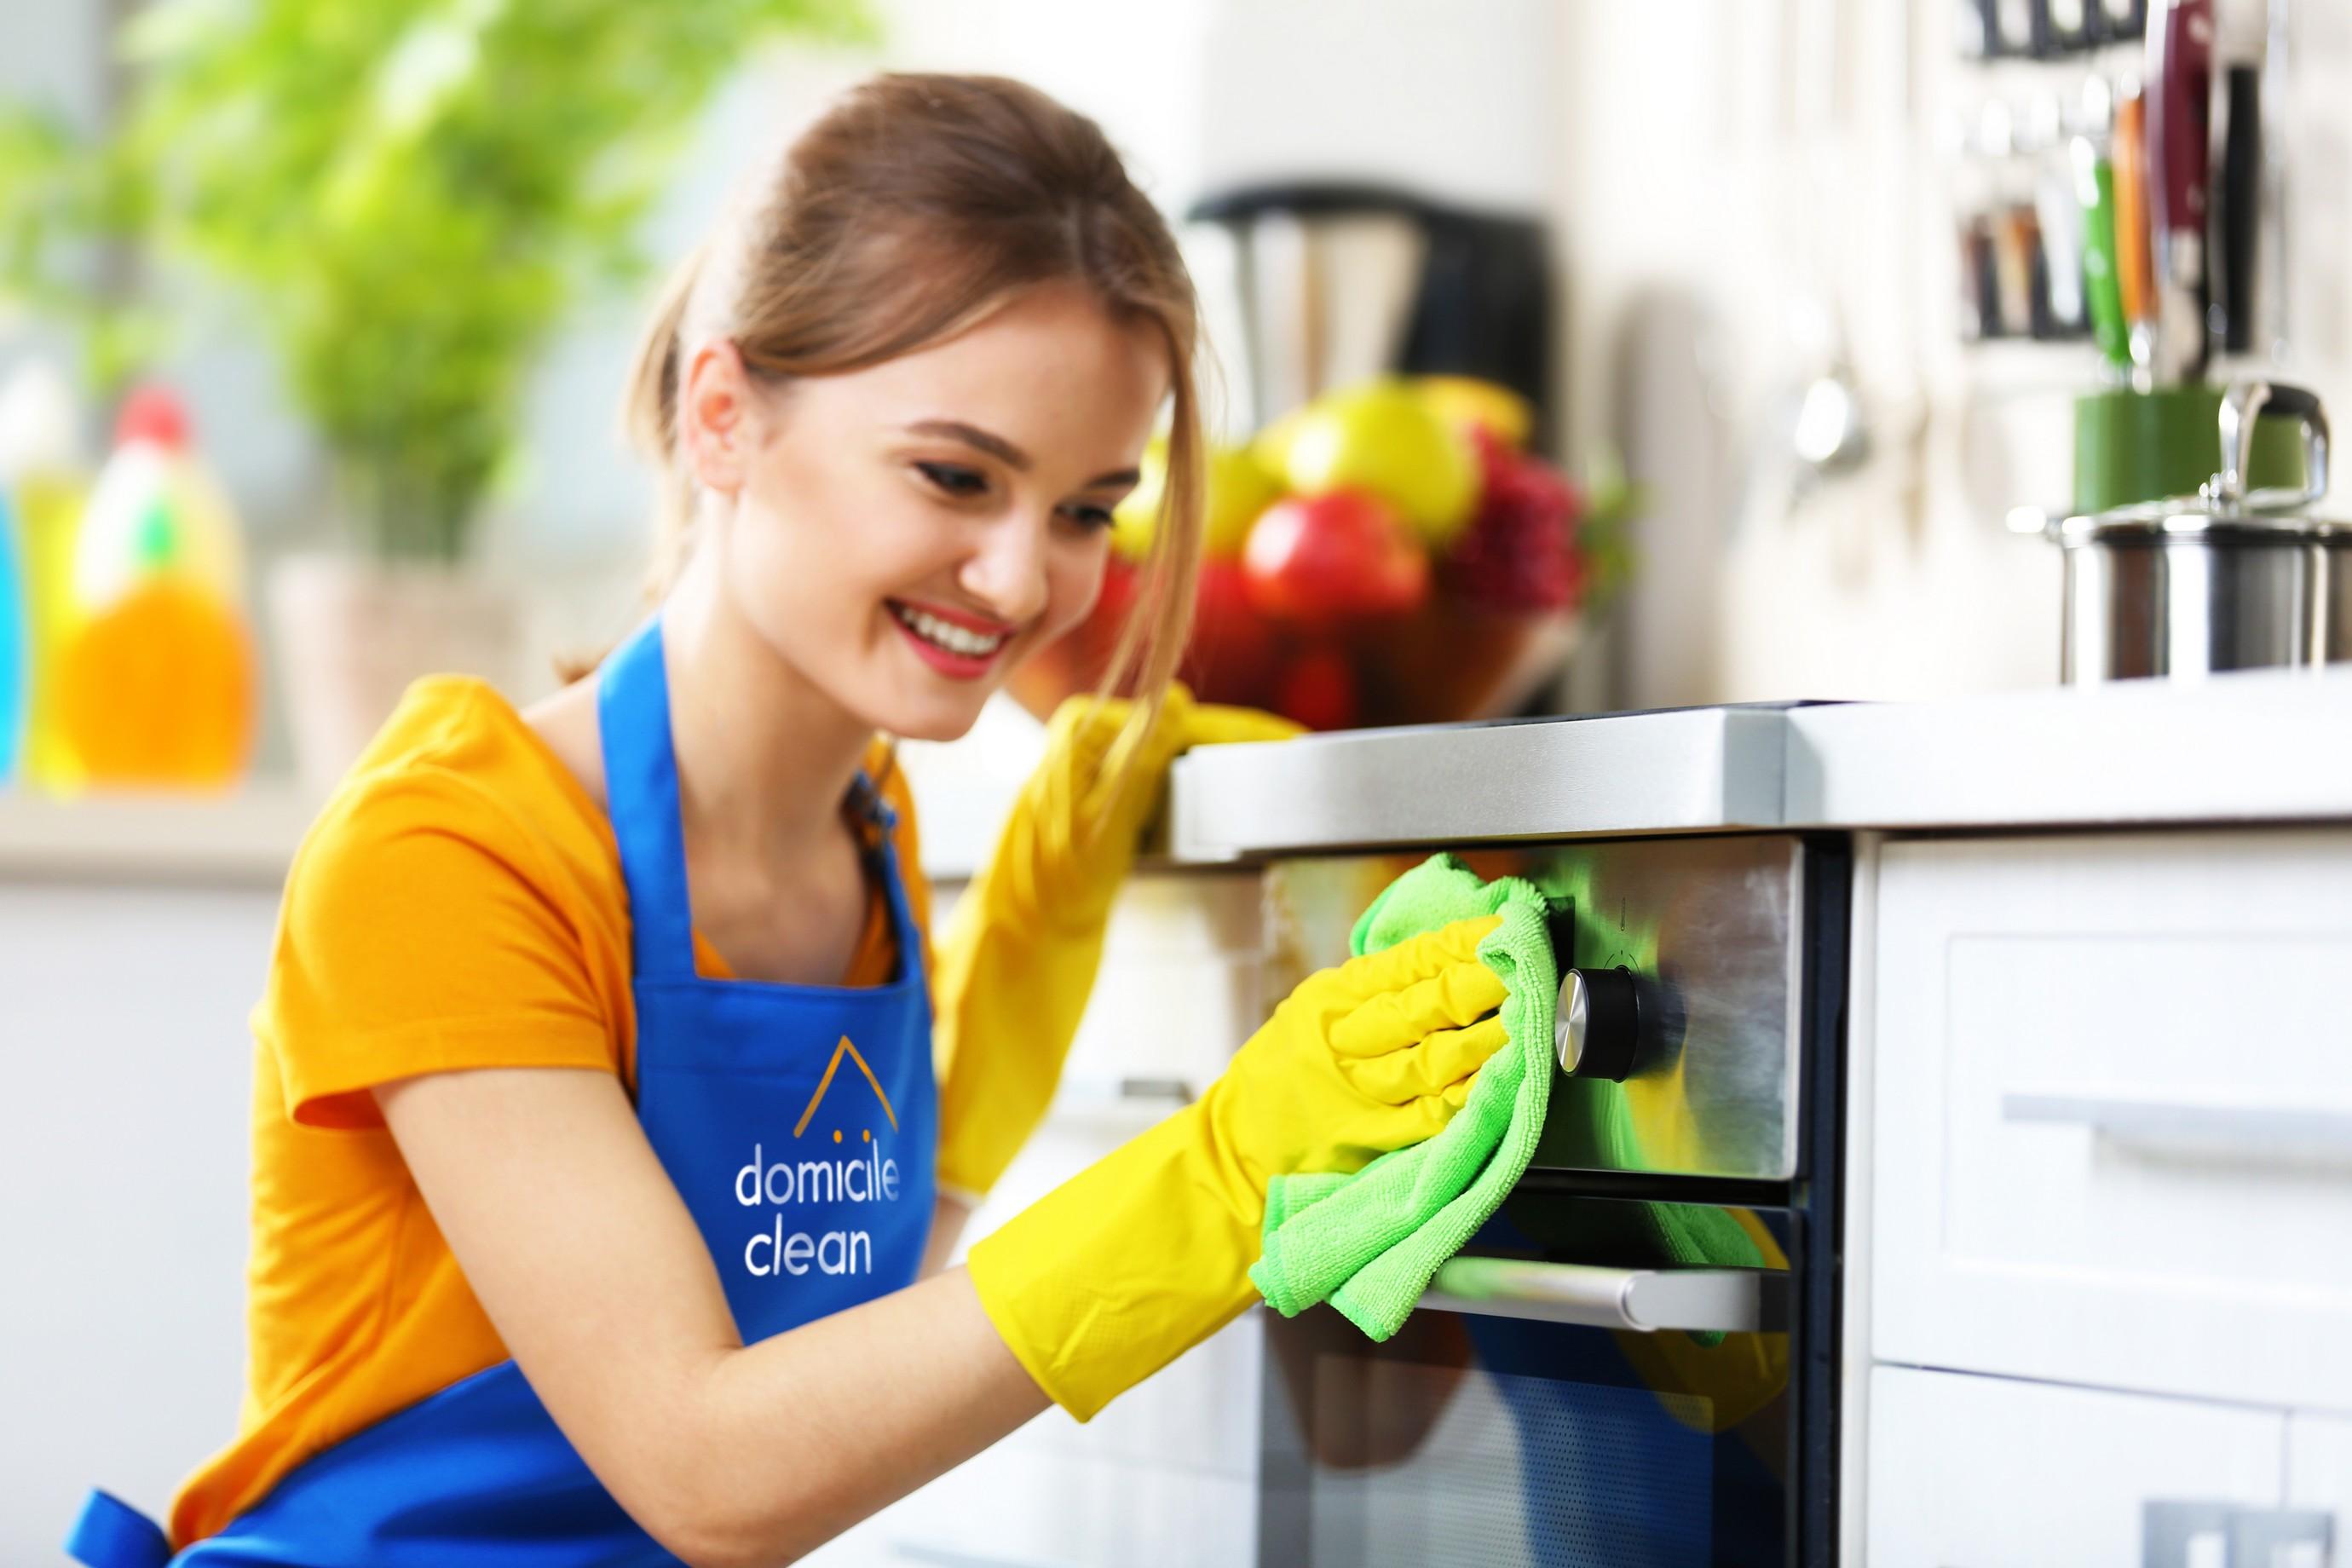 Domicile Clean - Agence LA ROCHELLE : ménage, repassage, jardinage